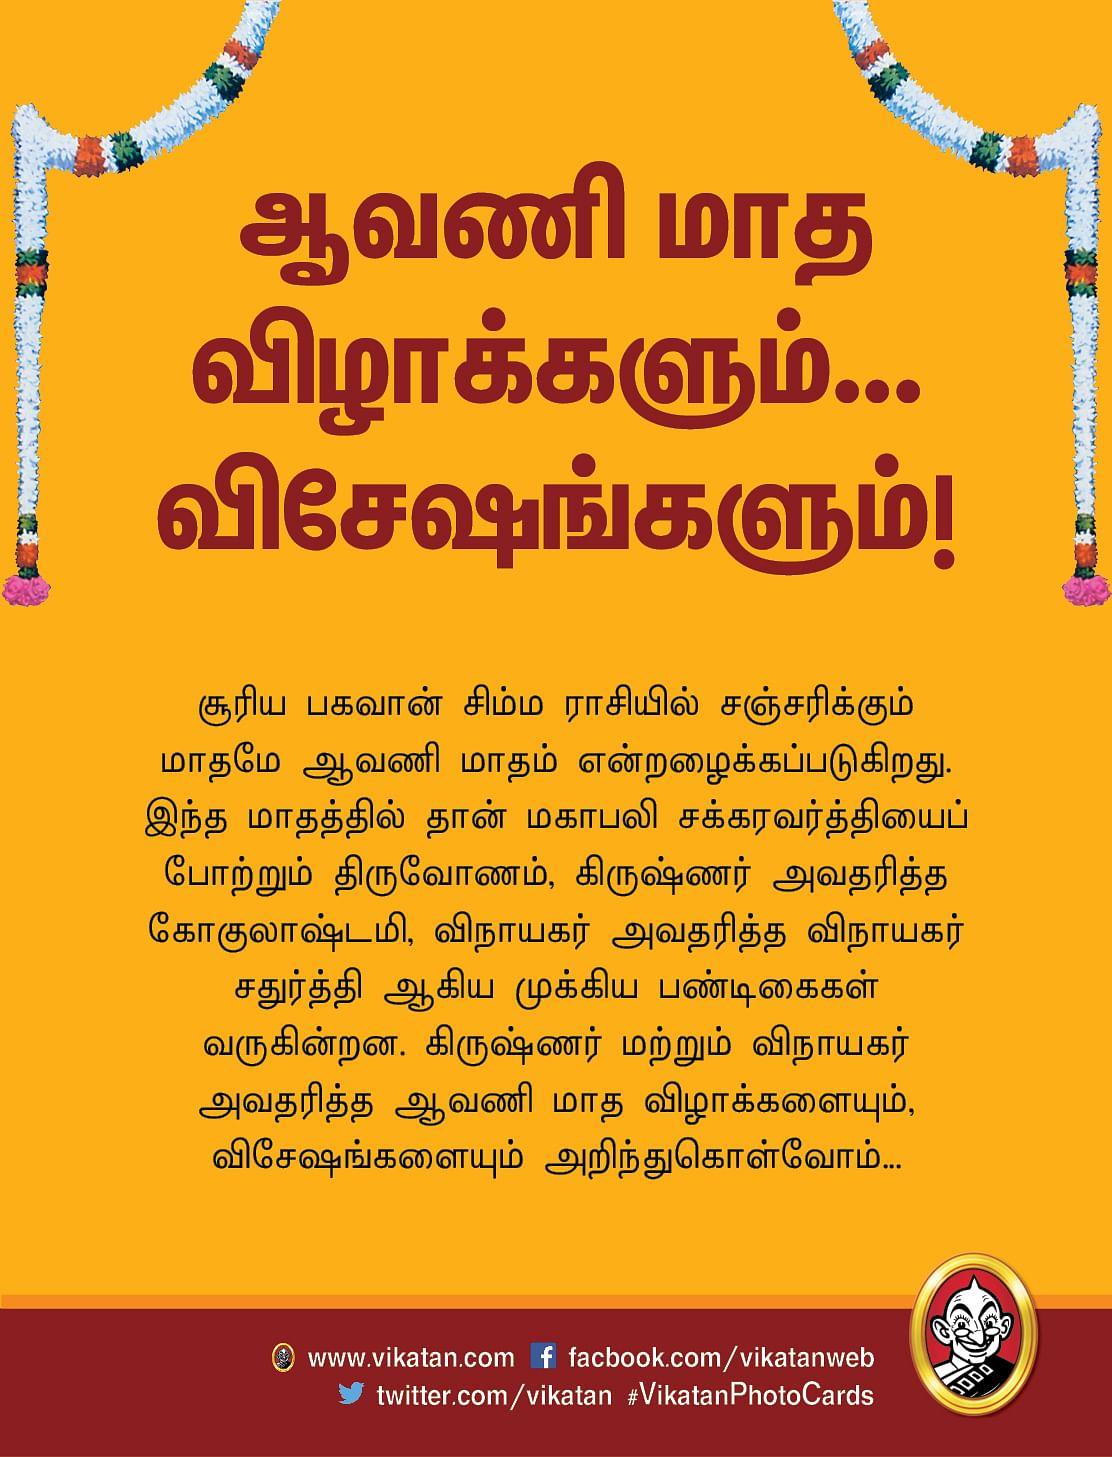 ஆவணி மாத விழாக்கள்